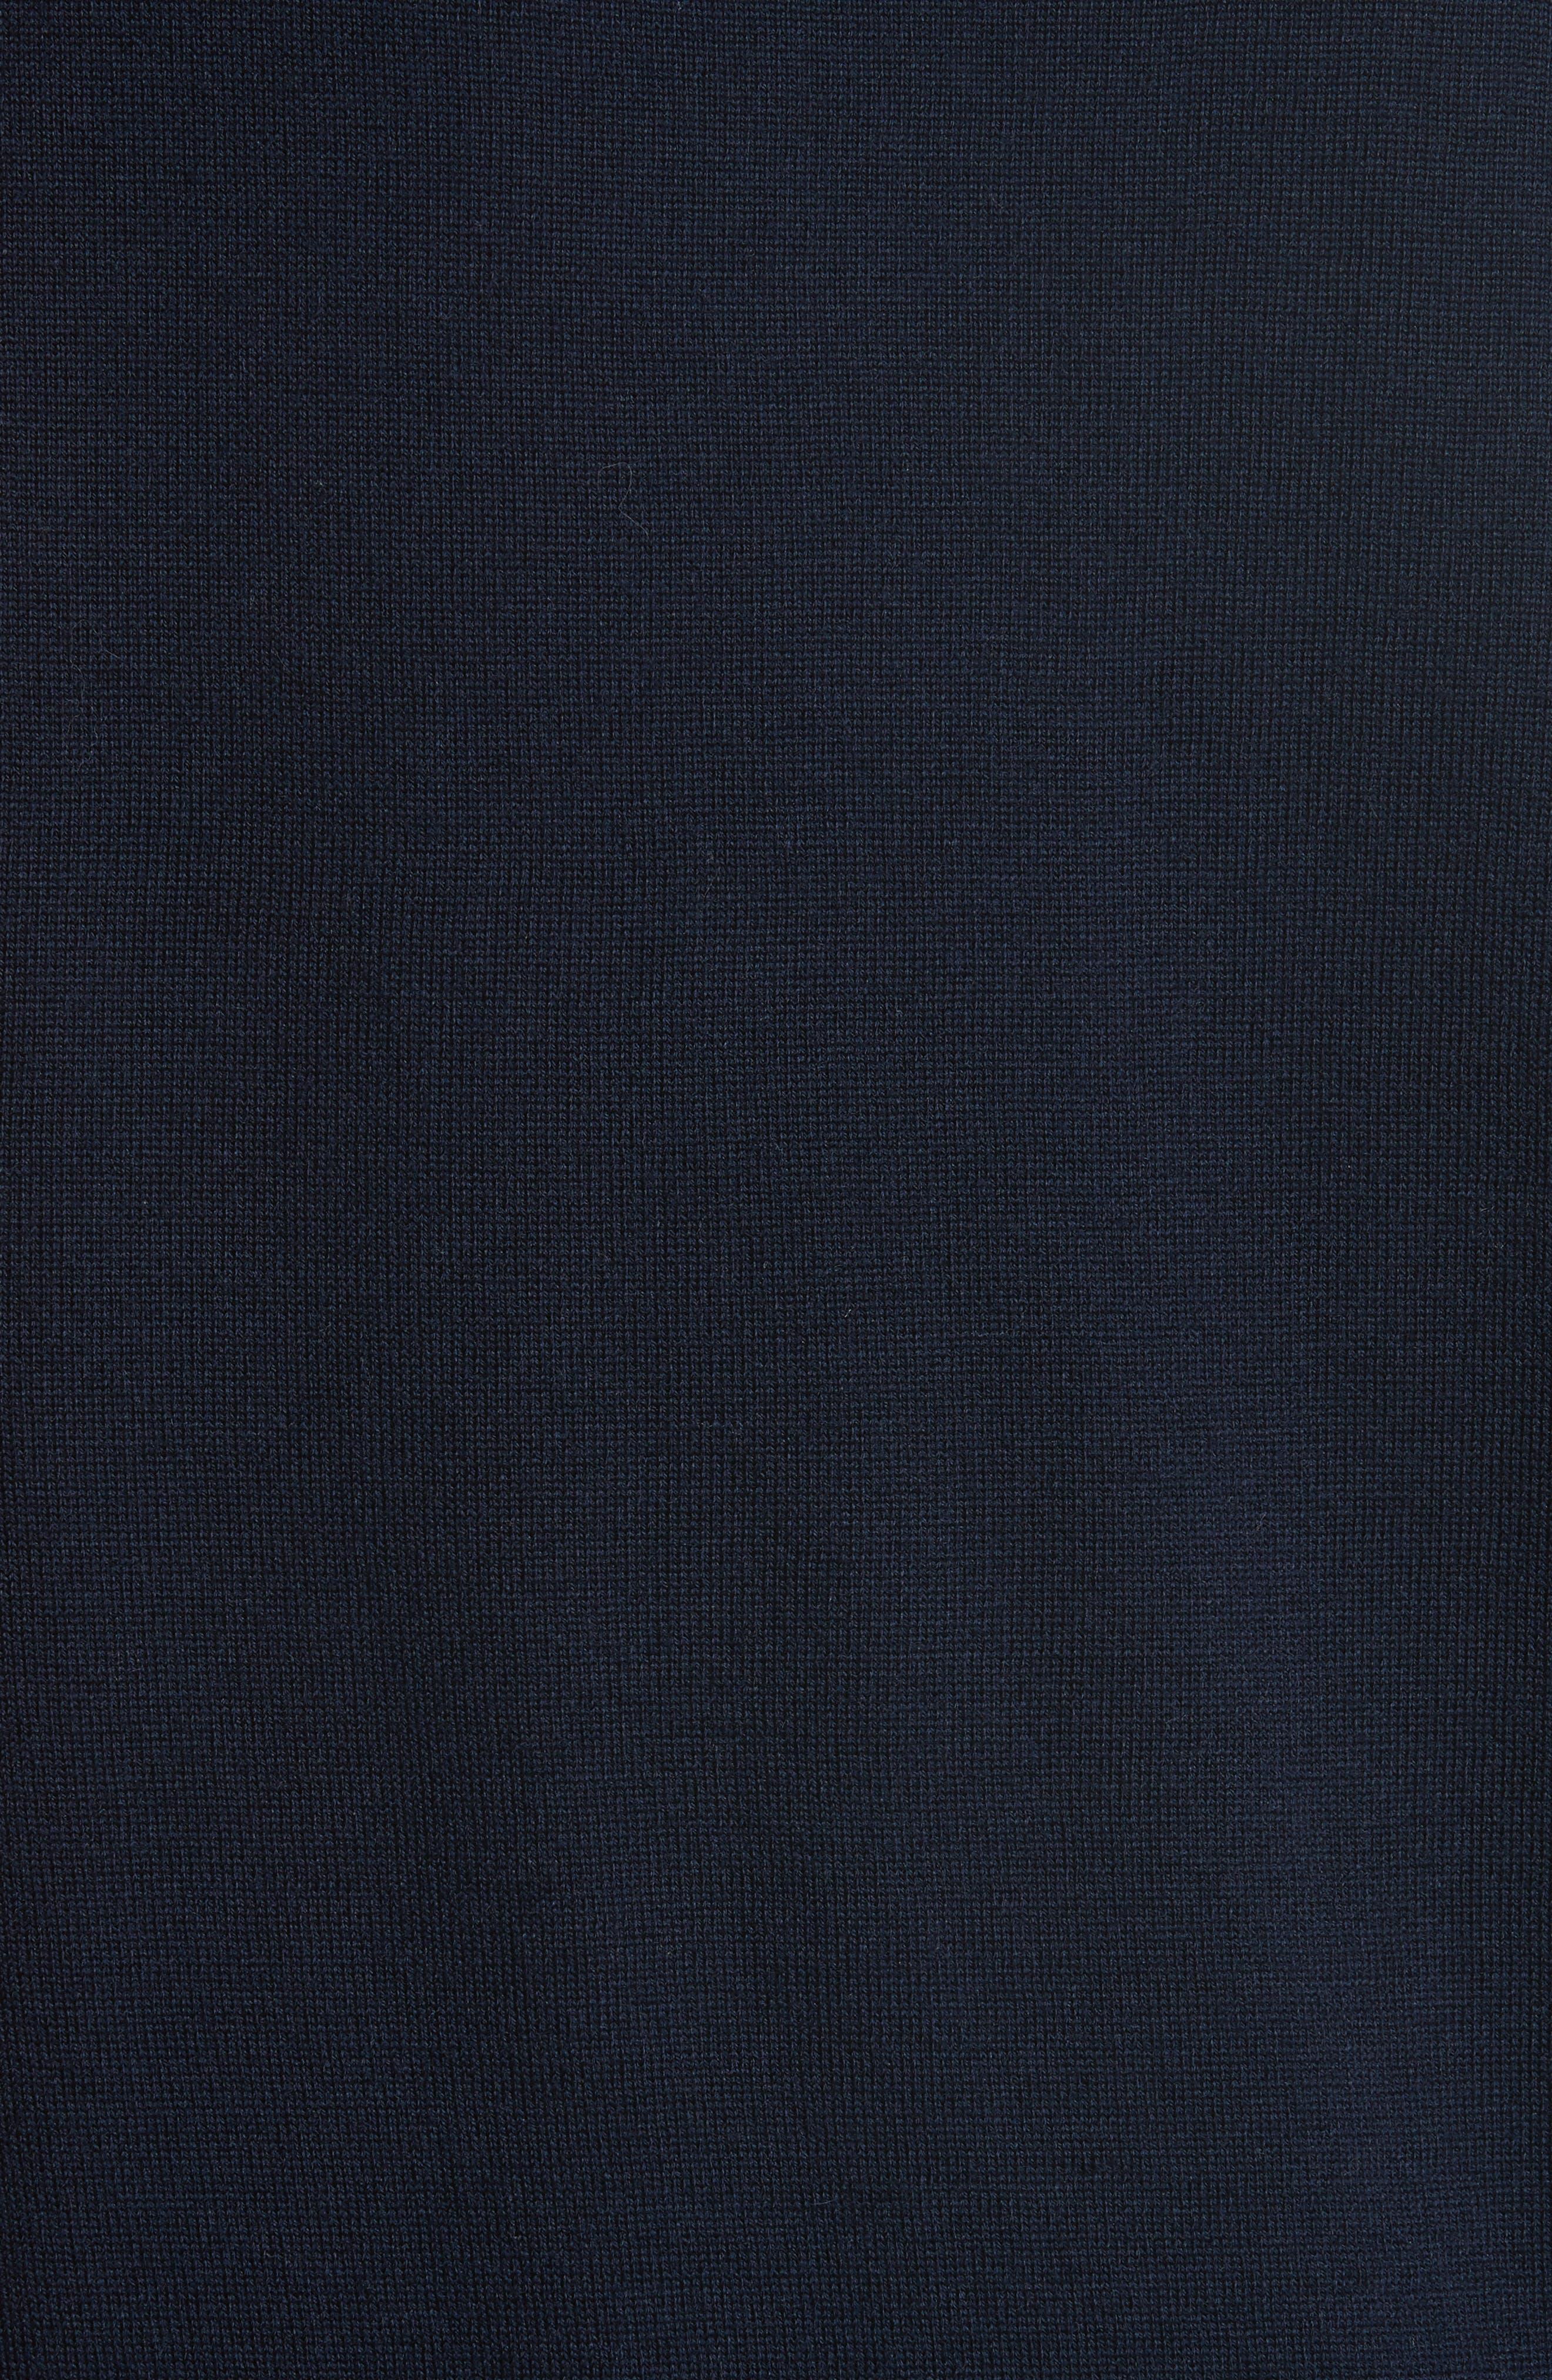 être cécile Boyfriend Knit Merino Wool Sweater,                             Alternate thumbnail 5, color,                             400